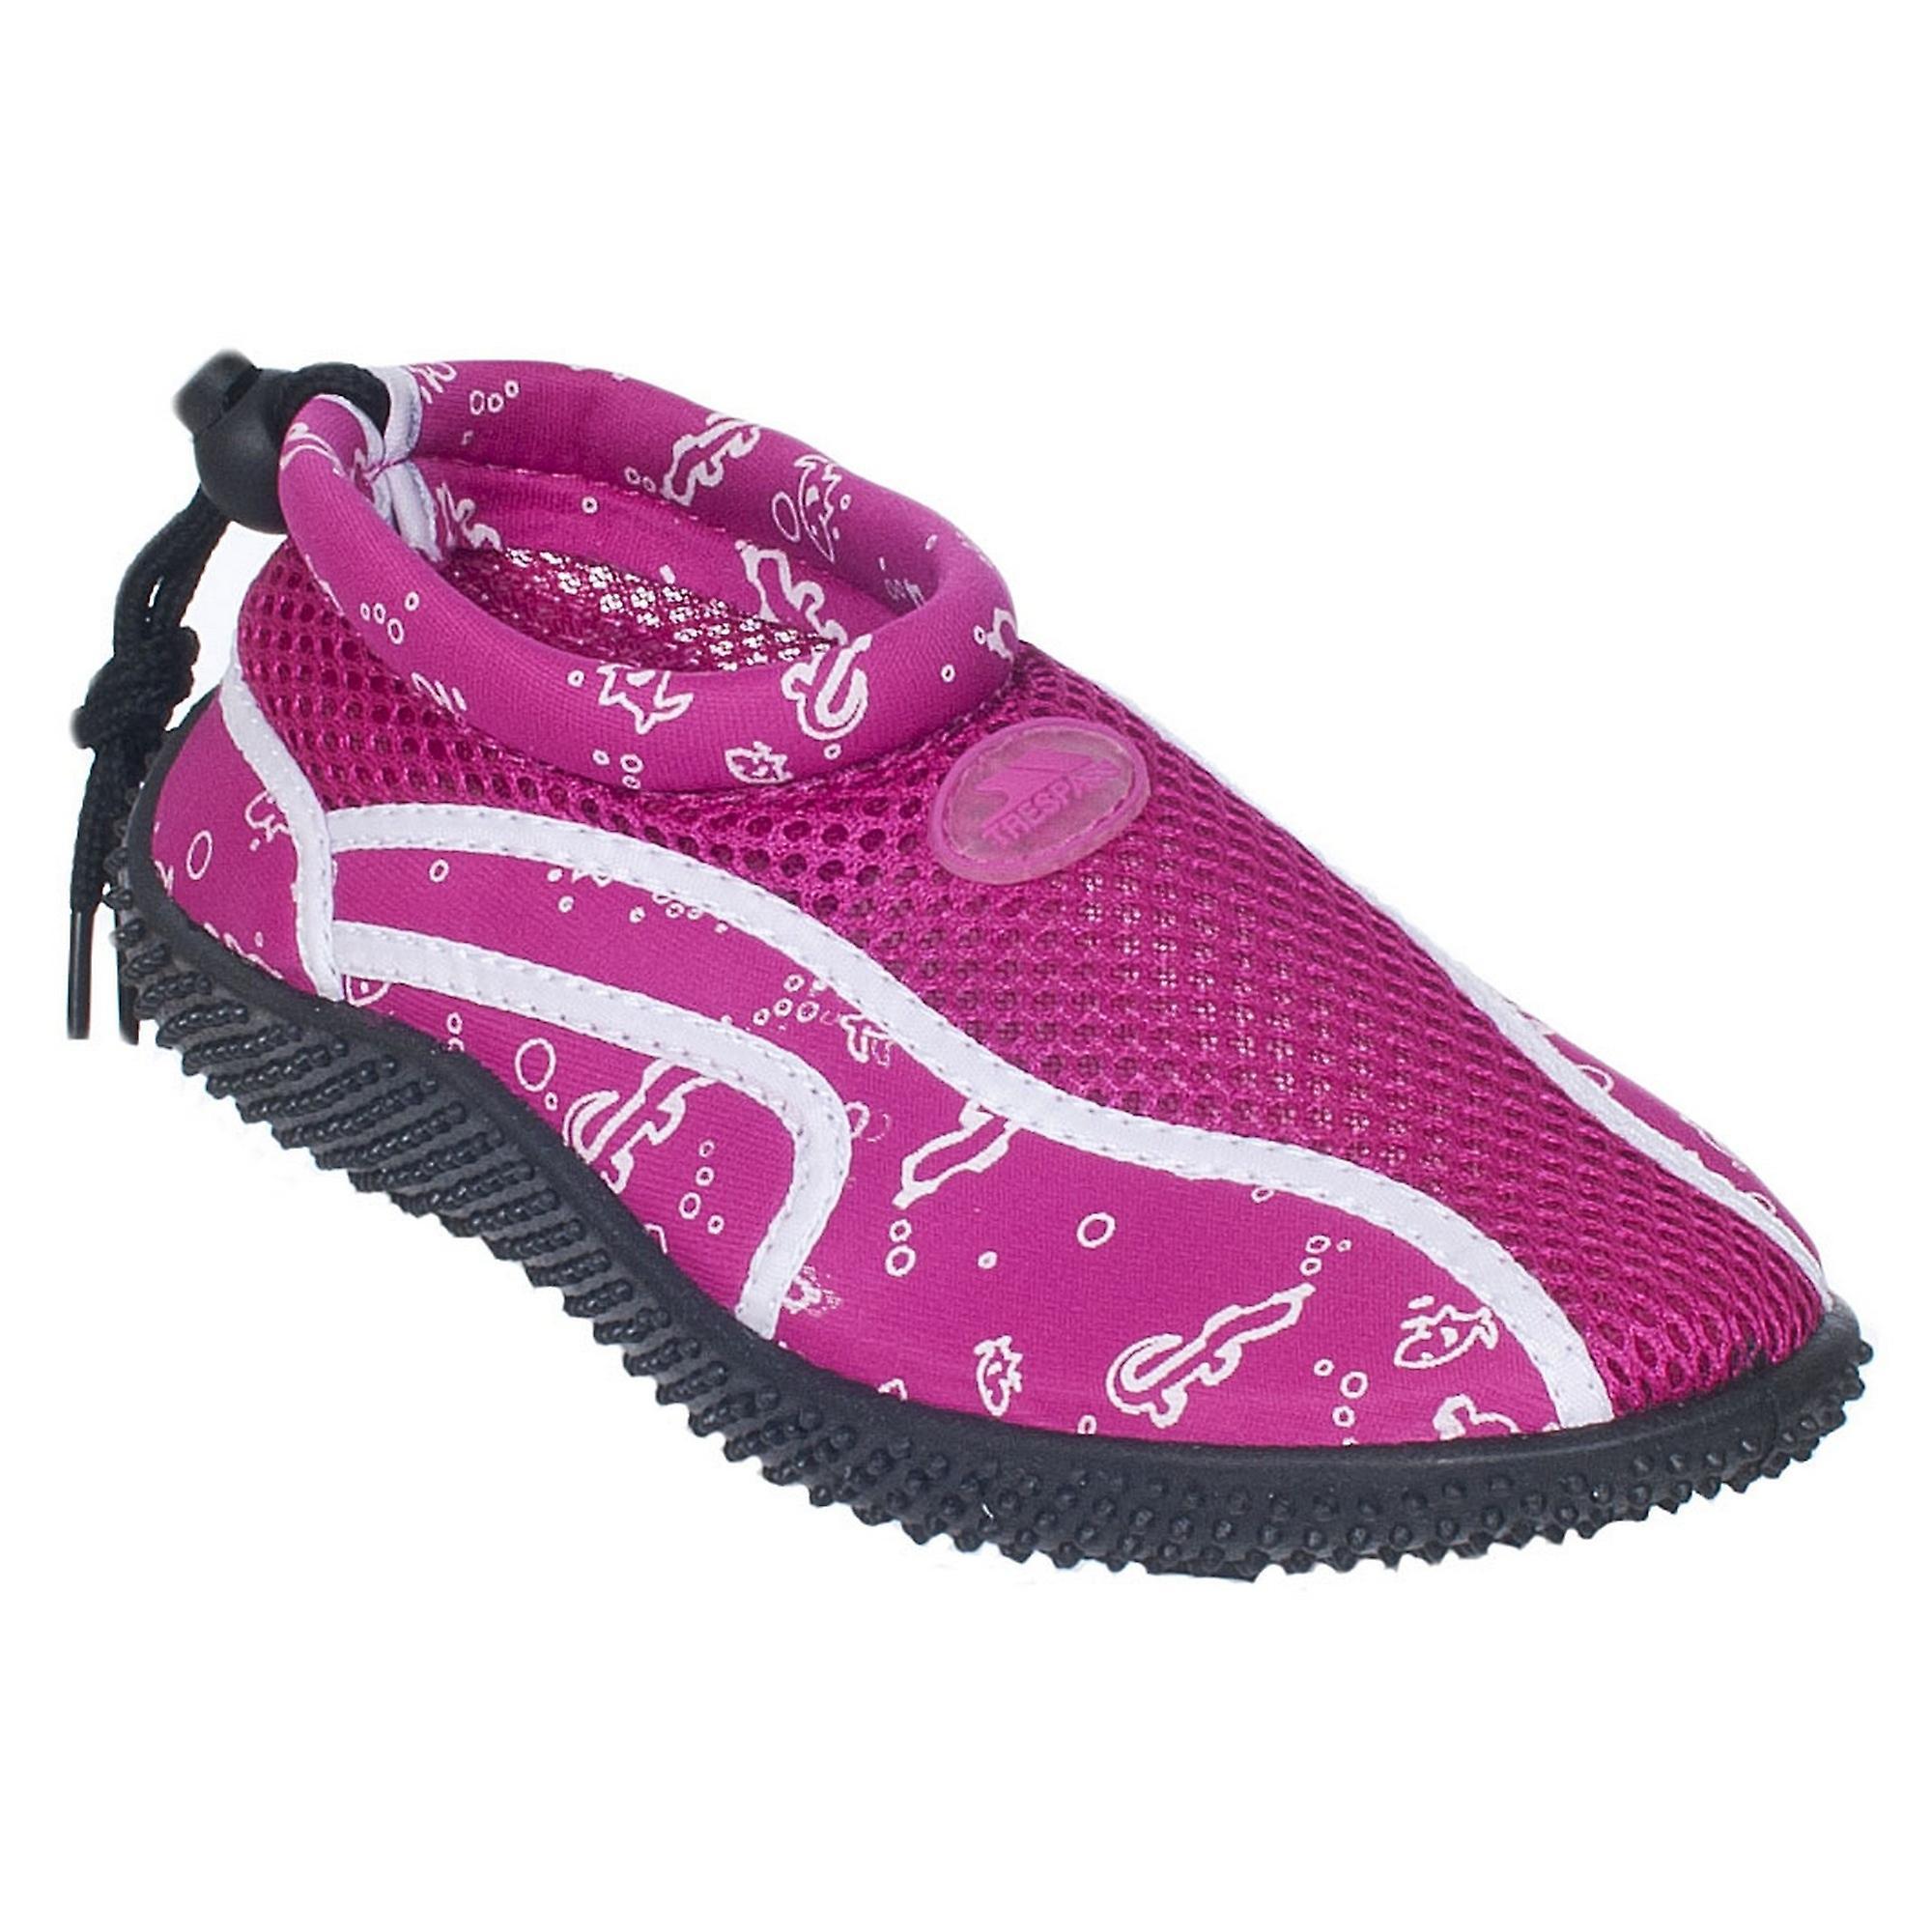 Trespass Childrens Childrens Childrens Girls Squidette Aqua Shoes f9b15a